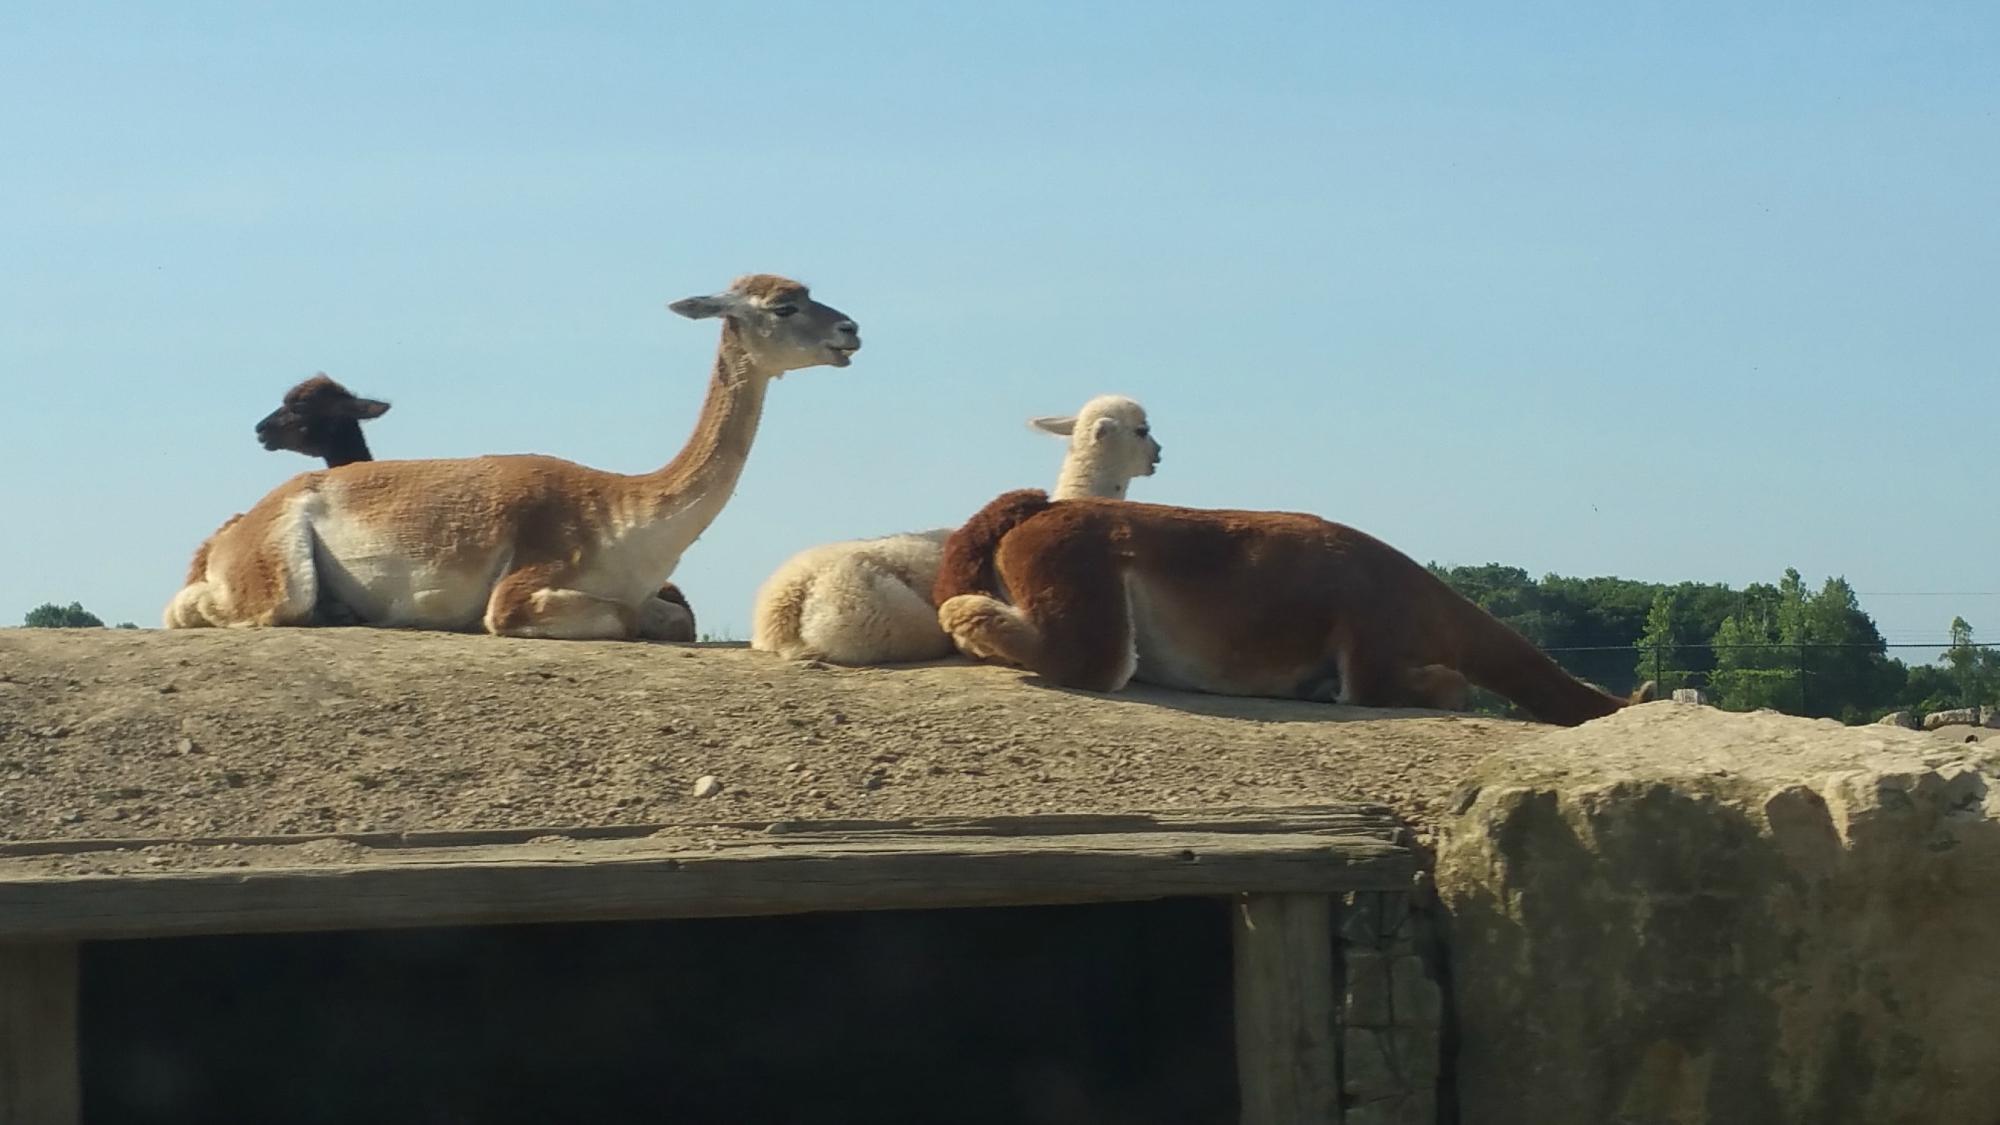 Some lazy llamas.